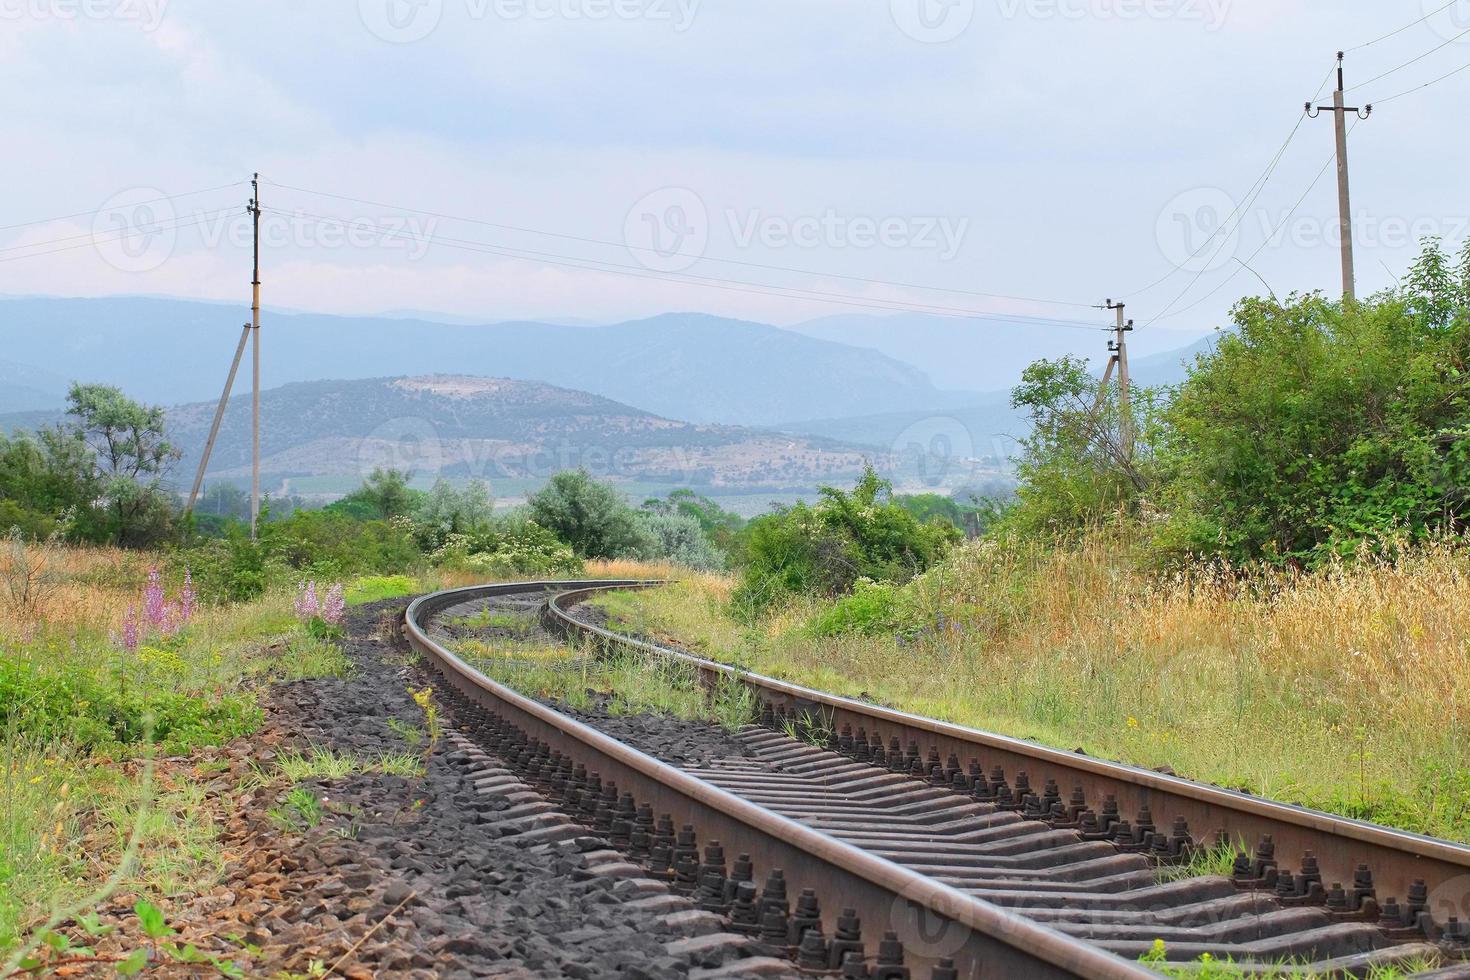 vue sur les voies ferrées photo